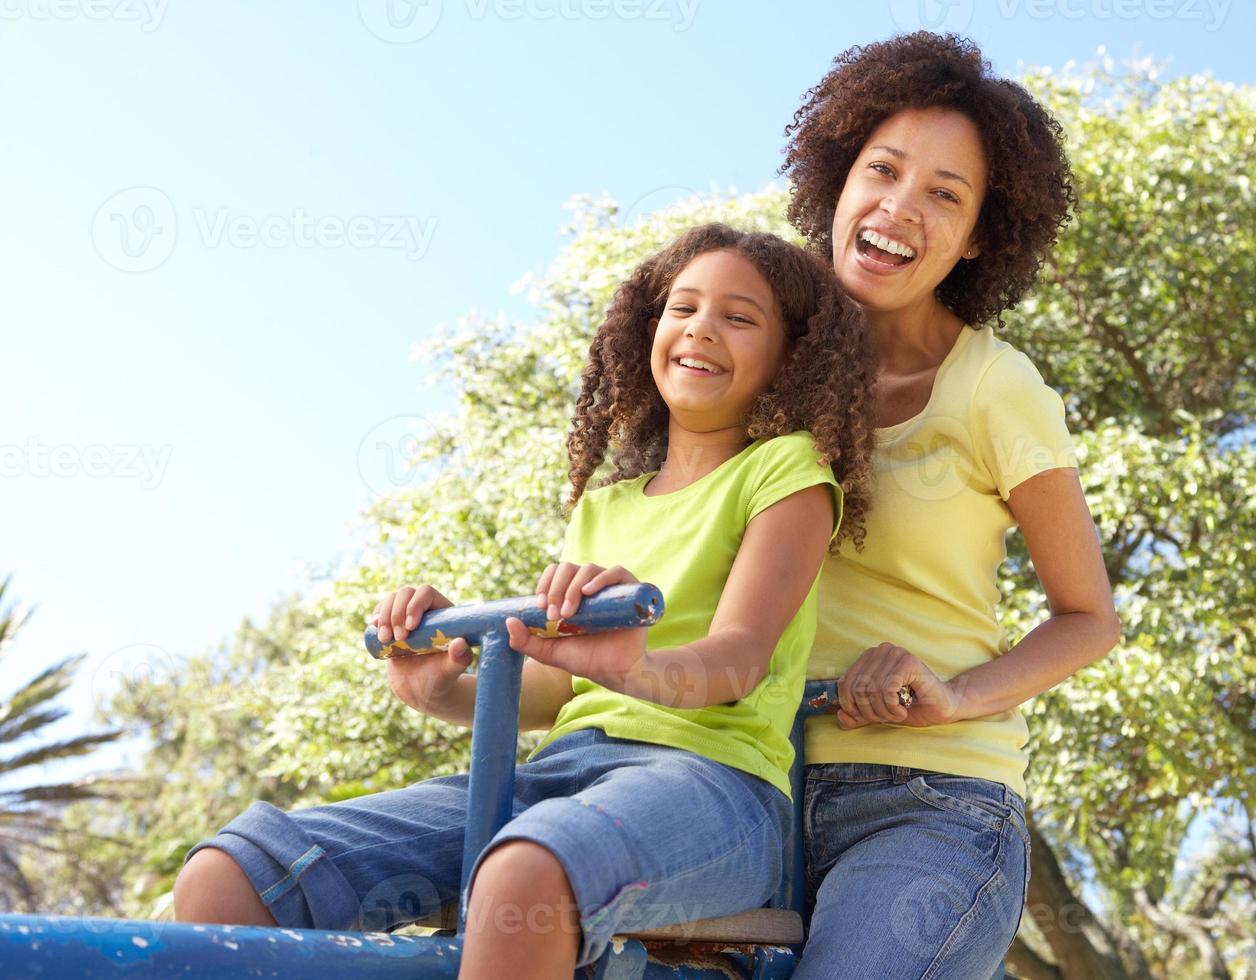 Mutter und Tochter reiten auf Wippe im Park foto